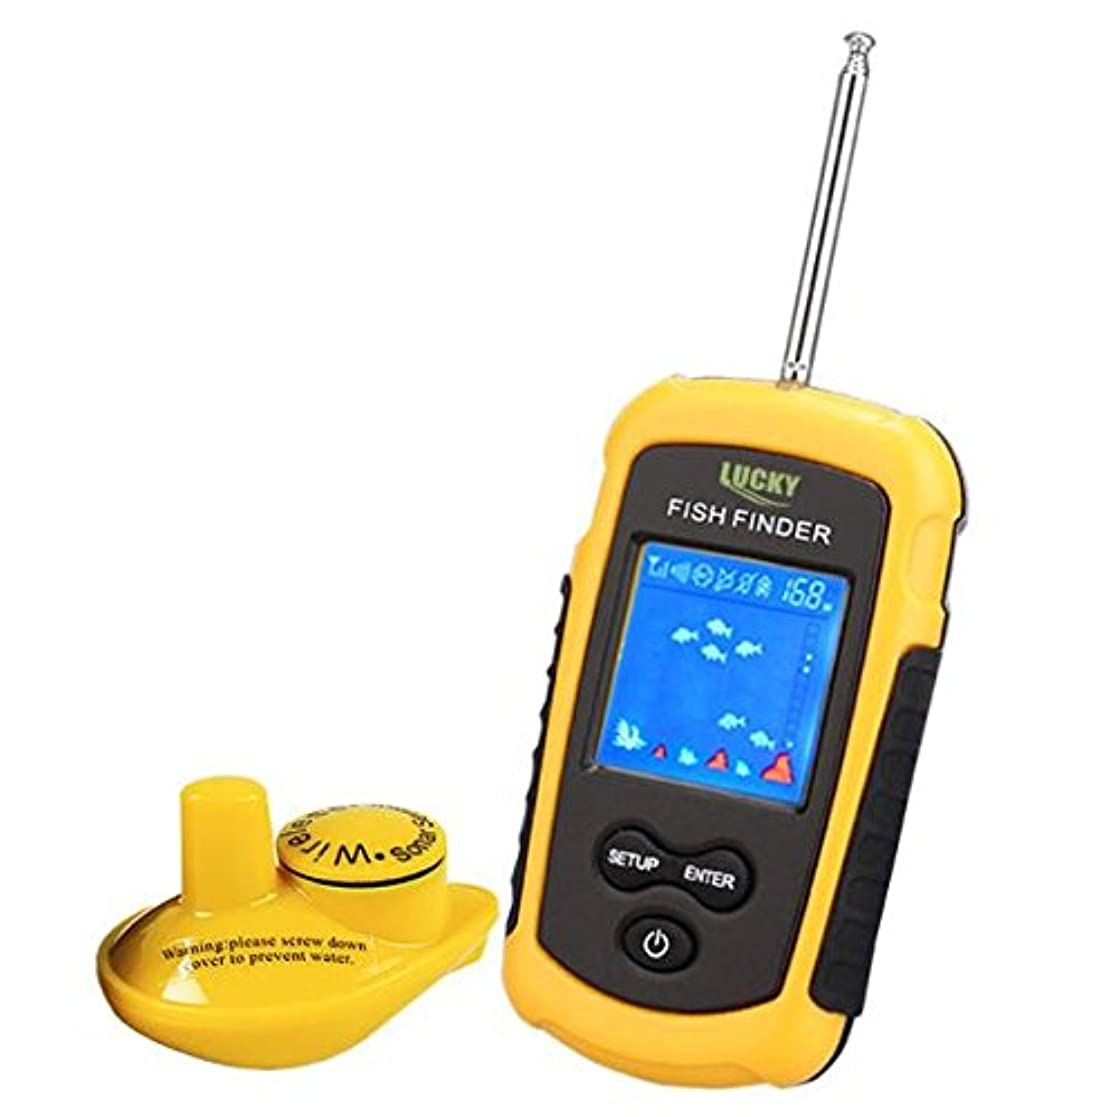 嬉しいですクール名前でRaiFu 魚群探知機 魚探 釣り道具 ポータブル ソナー フィッシュ ファインダー アラーム フィッシング ルアー エコーサウンダー フィッシング ファインダー